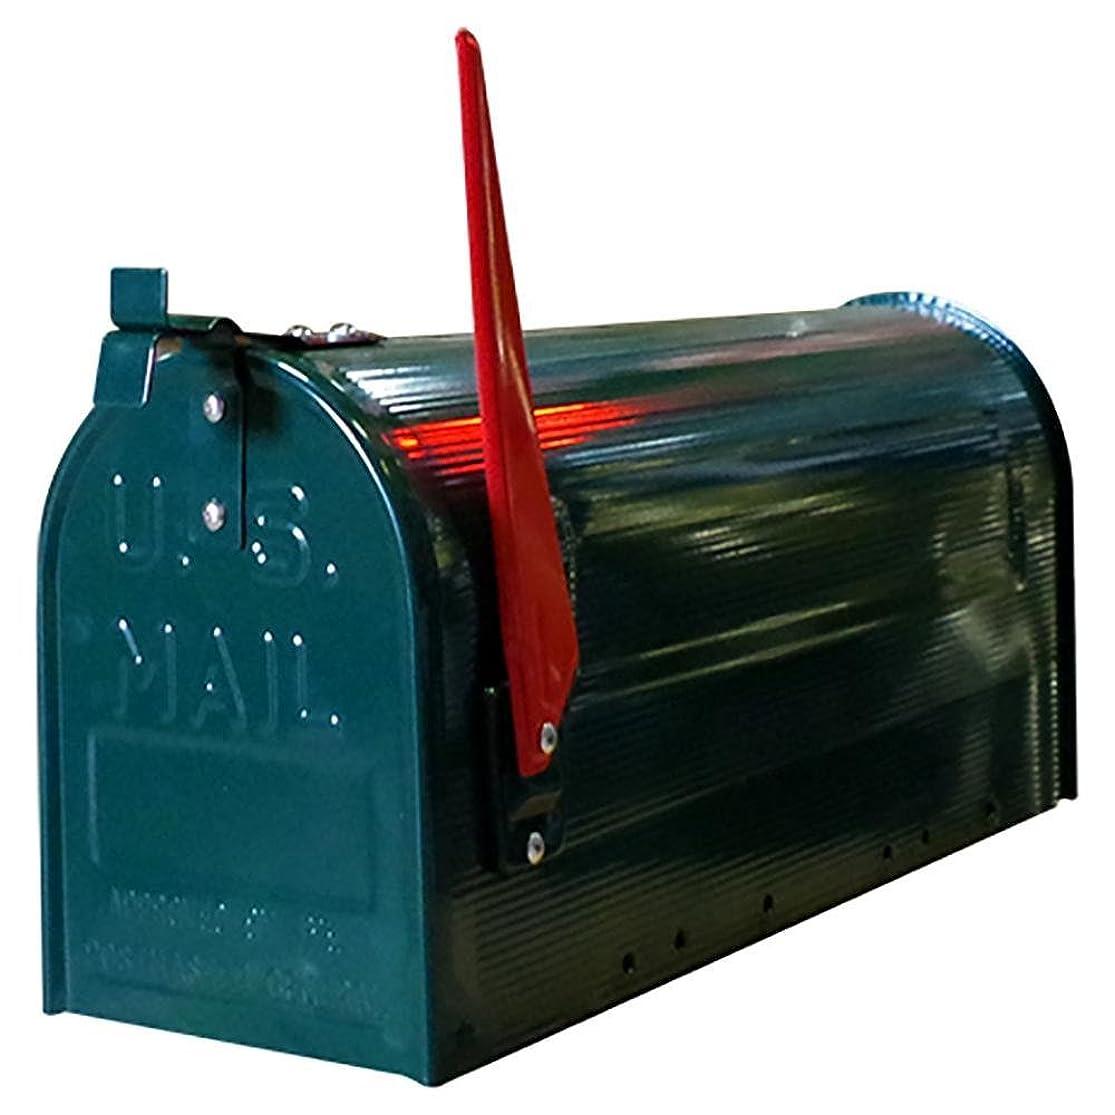 日没穴淡いアメリカン ポストボックス 専用ポール付き スタンド メールボックス グリーン ポスト アメリカン雑貨